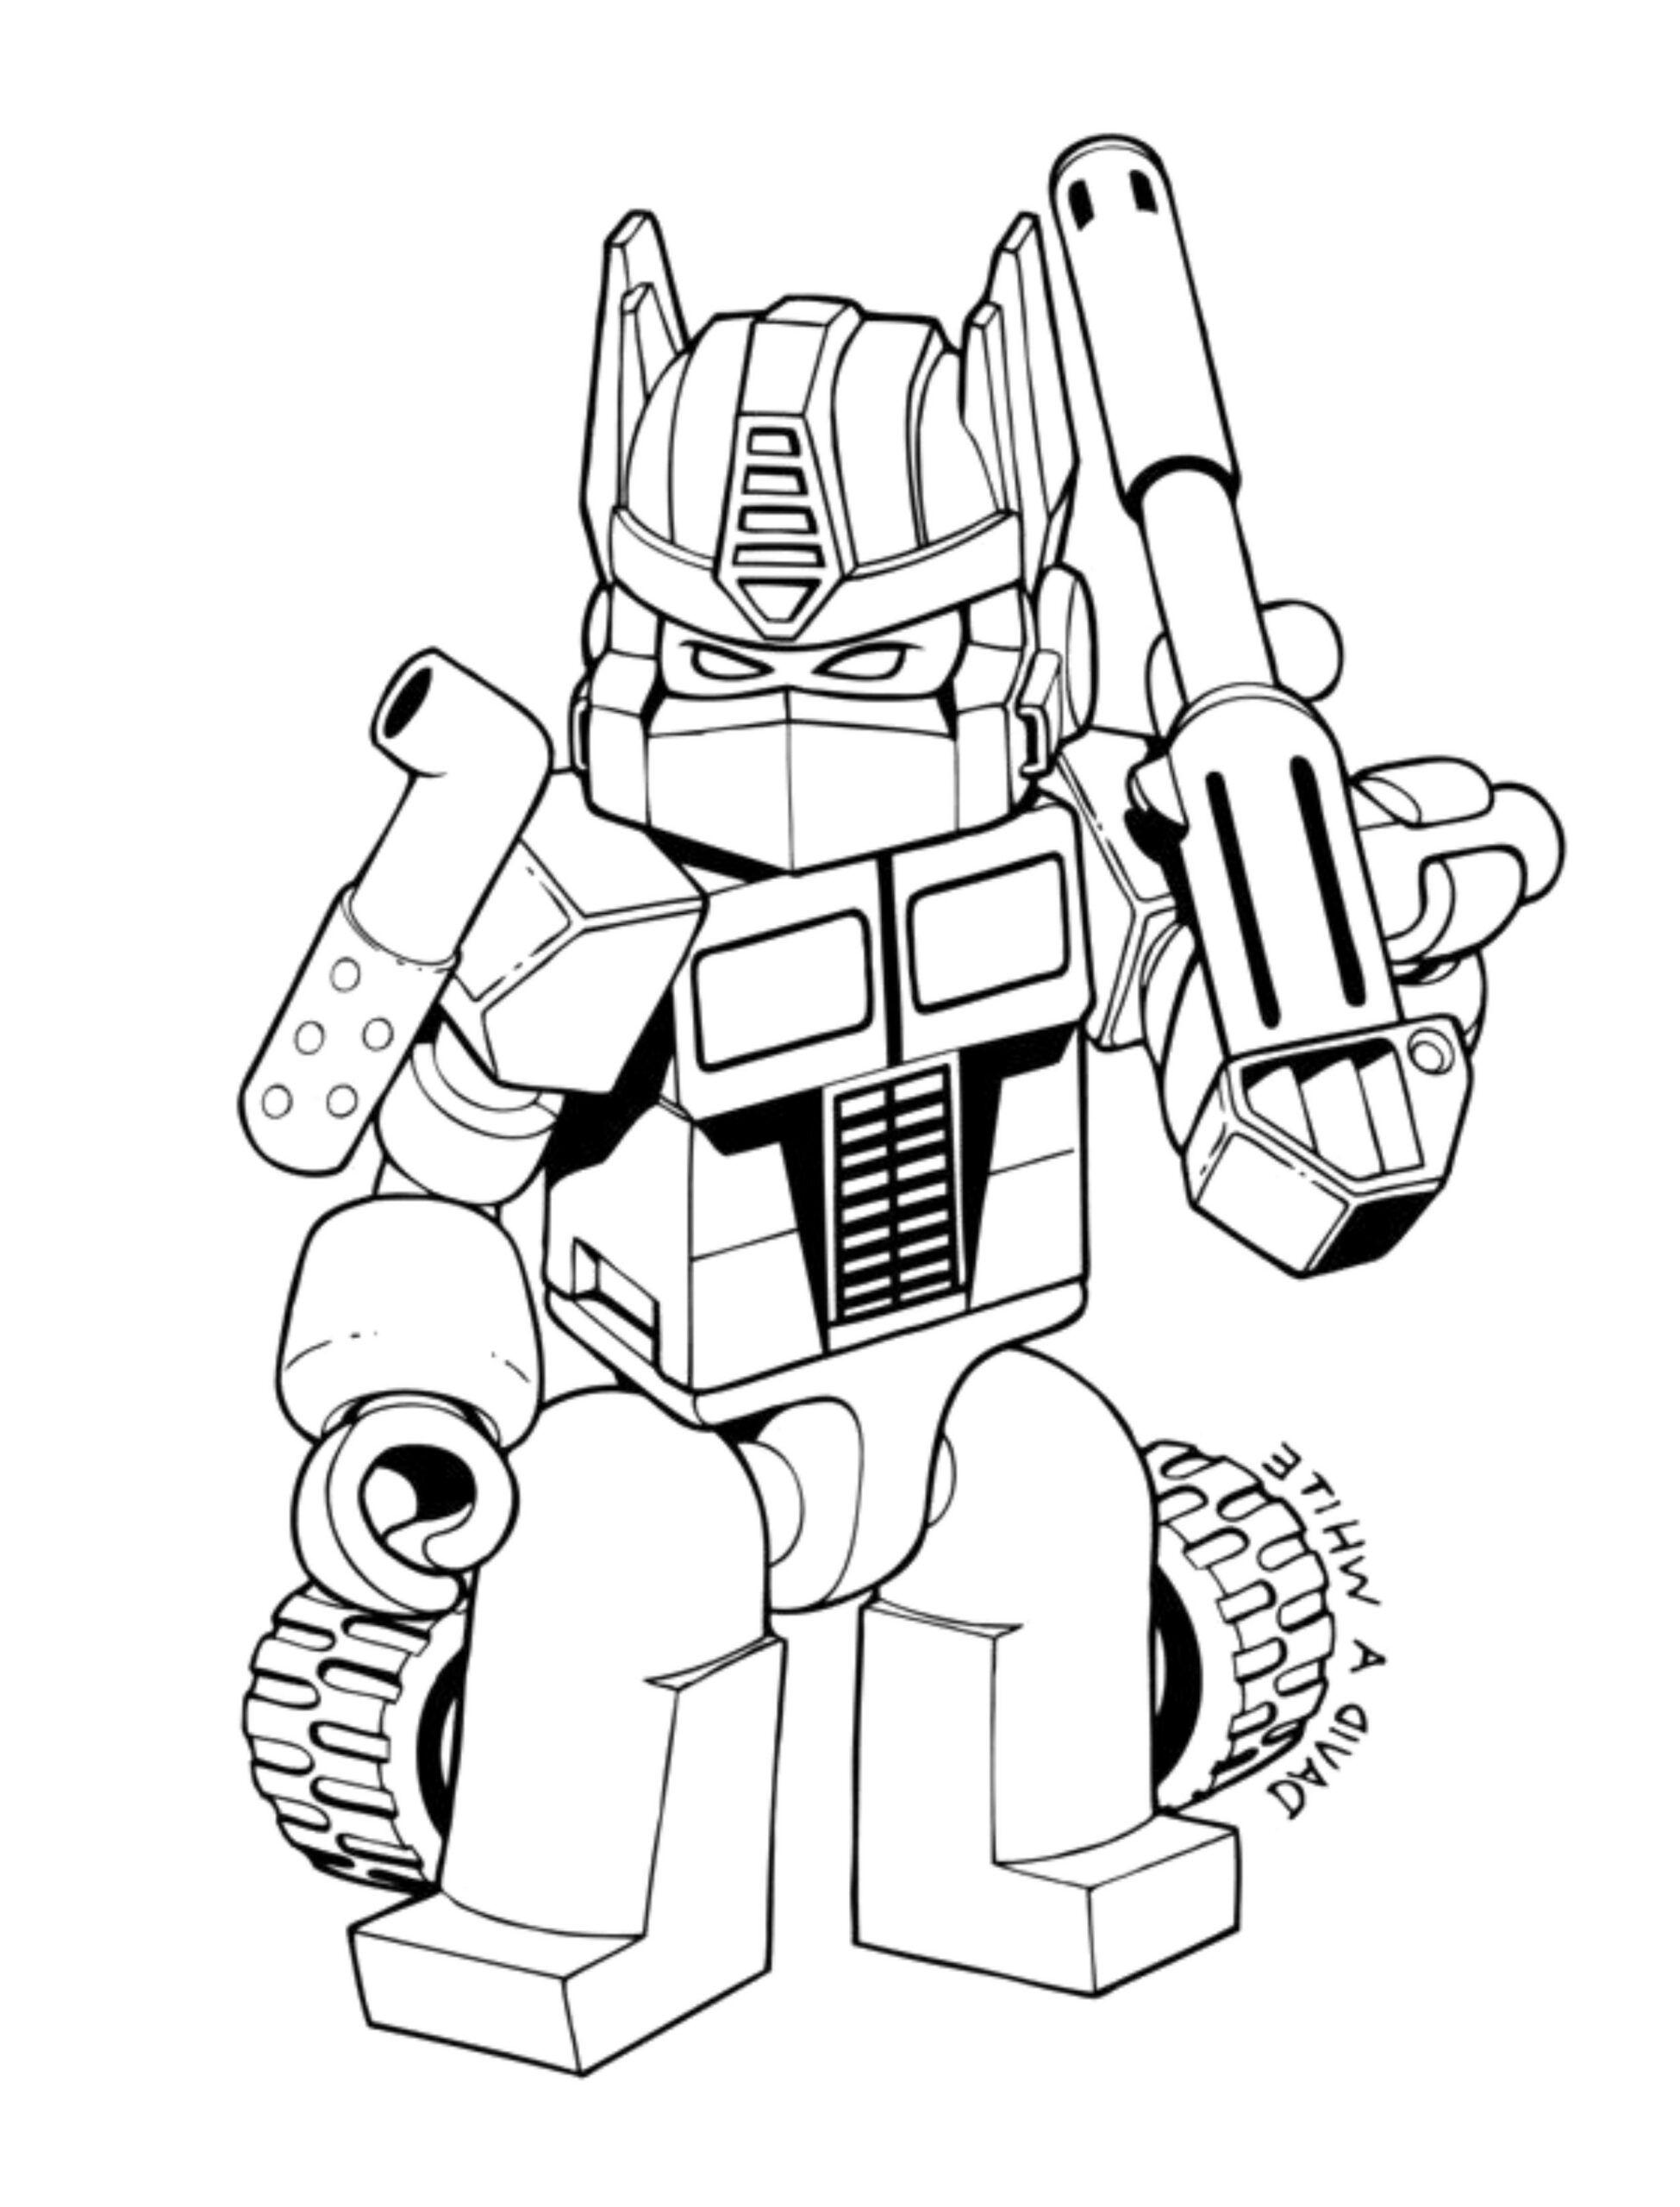 Transformers Da Colorare Ispiratore Free Coloring Pages For Boys Transformers Coloring Home O Nel 2020 Disegni Da Colorare Lego Libri Da Colorare Disegni Da Colorare